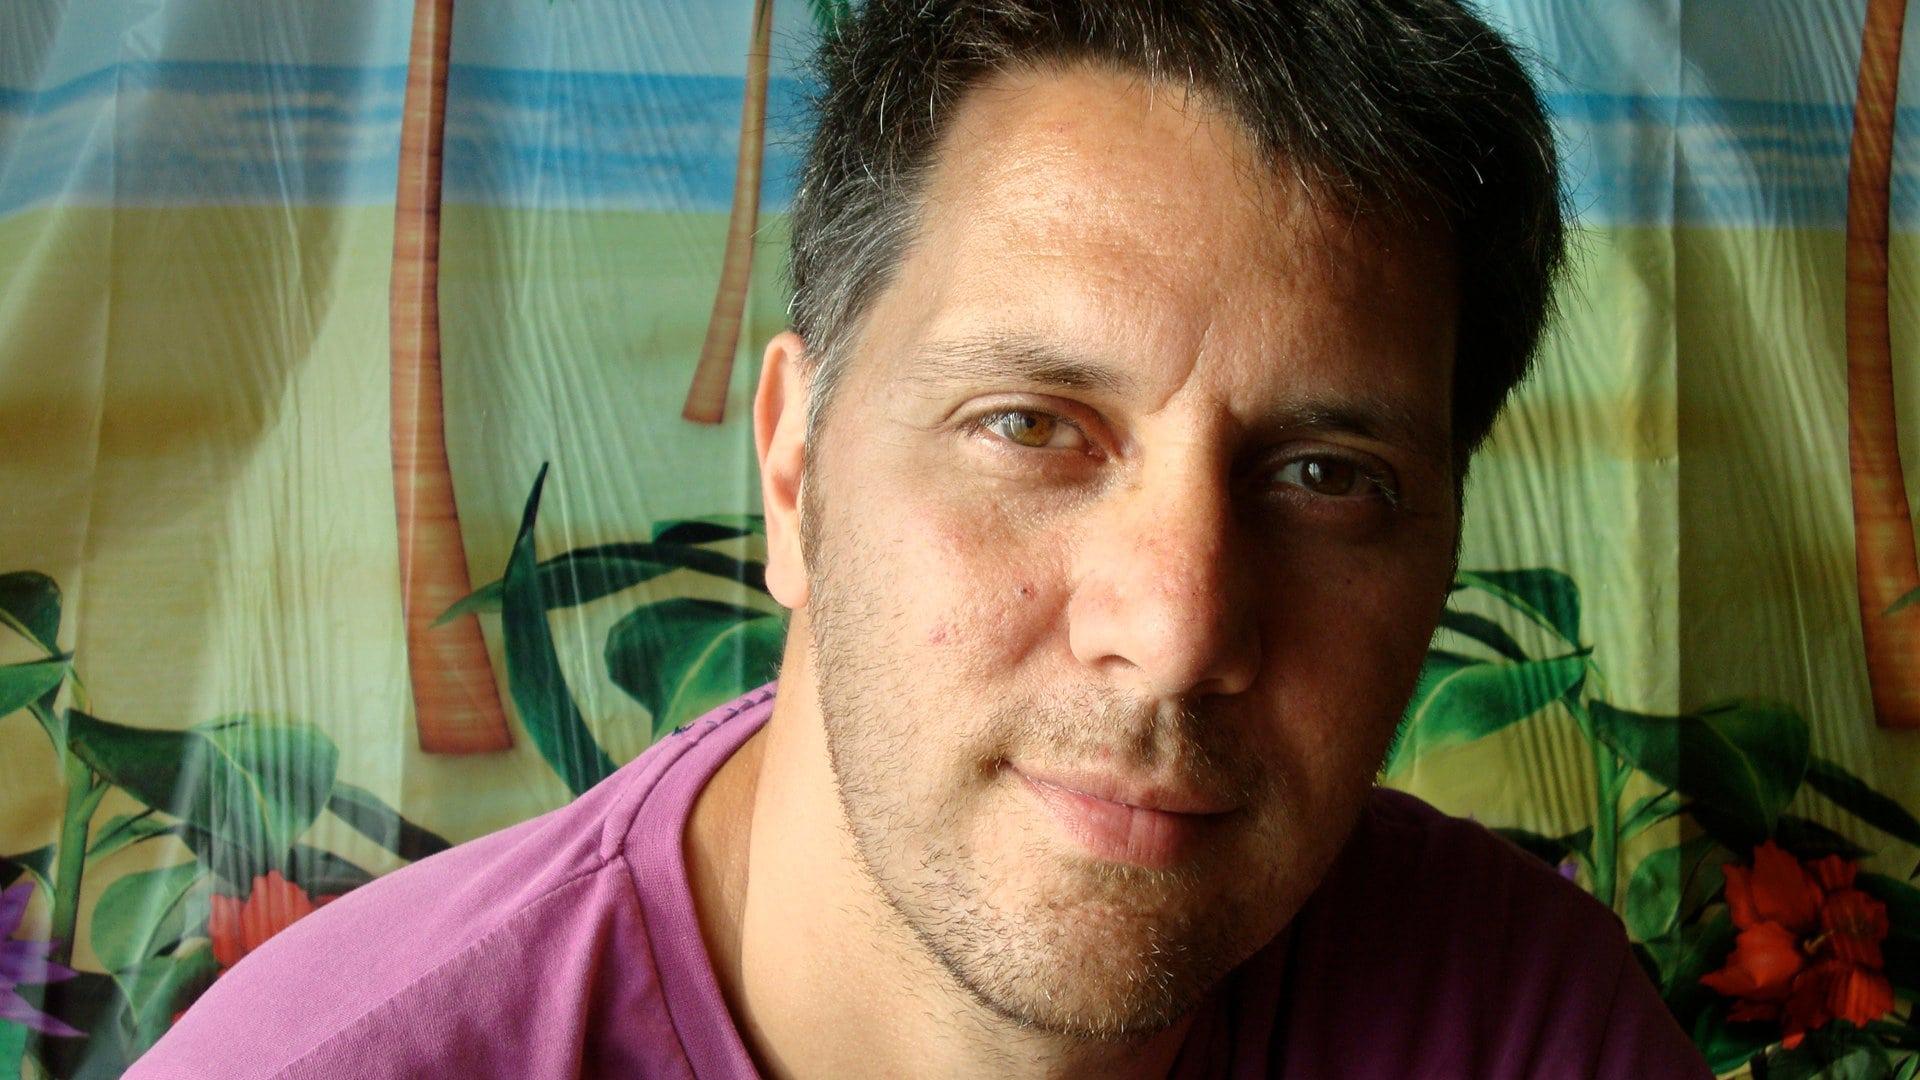 Armin Lehmann